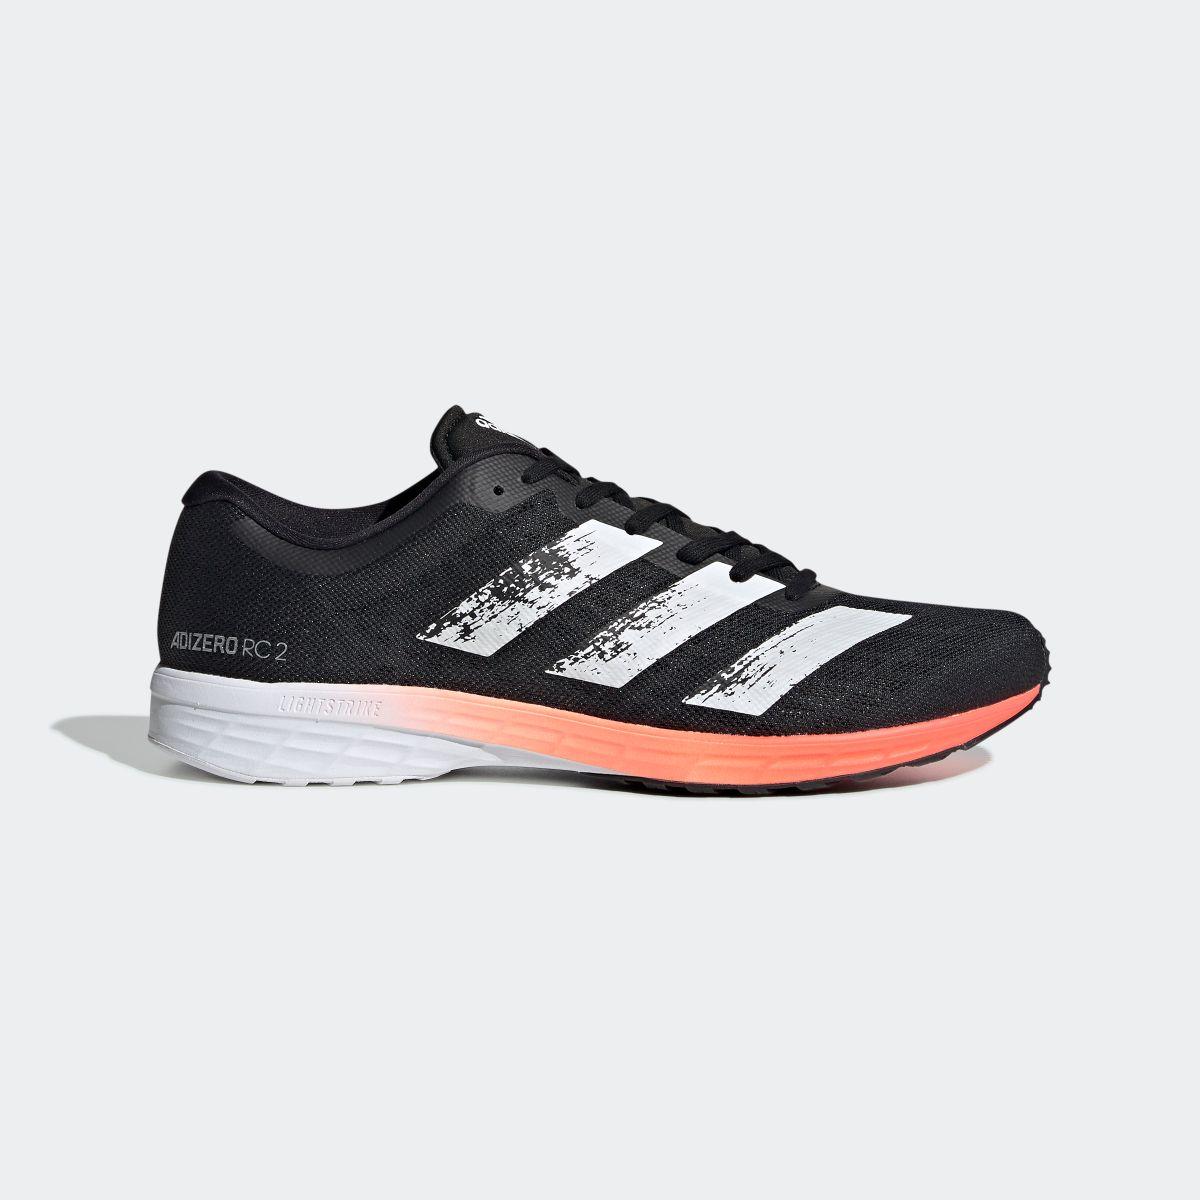 【公式】アディダス adidas ランニング アディゼロ RC 2.0 / Adizero RC 2.0 メンズ シューズ スポーツシューズ 黒 ブラック EE4337 スパイクレス ランニングシューズ p1016